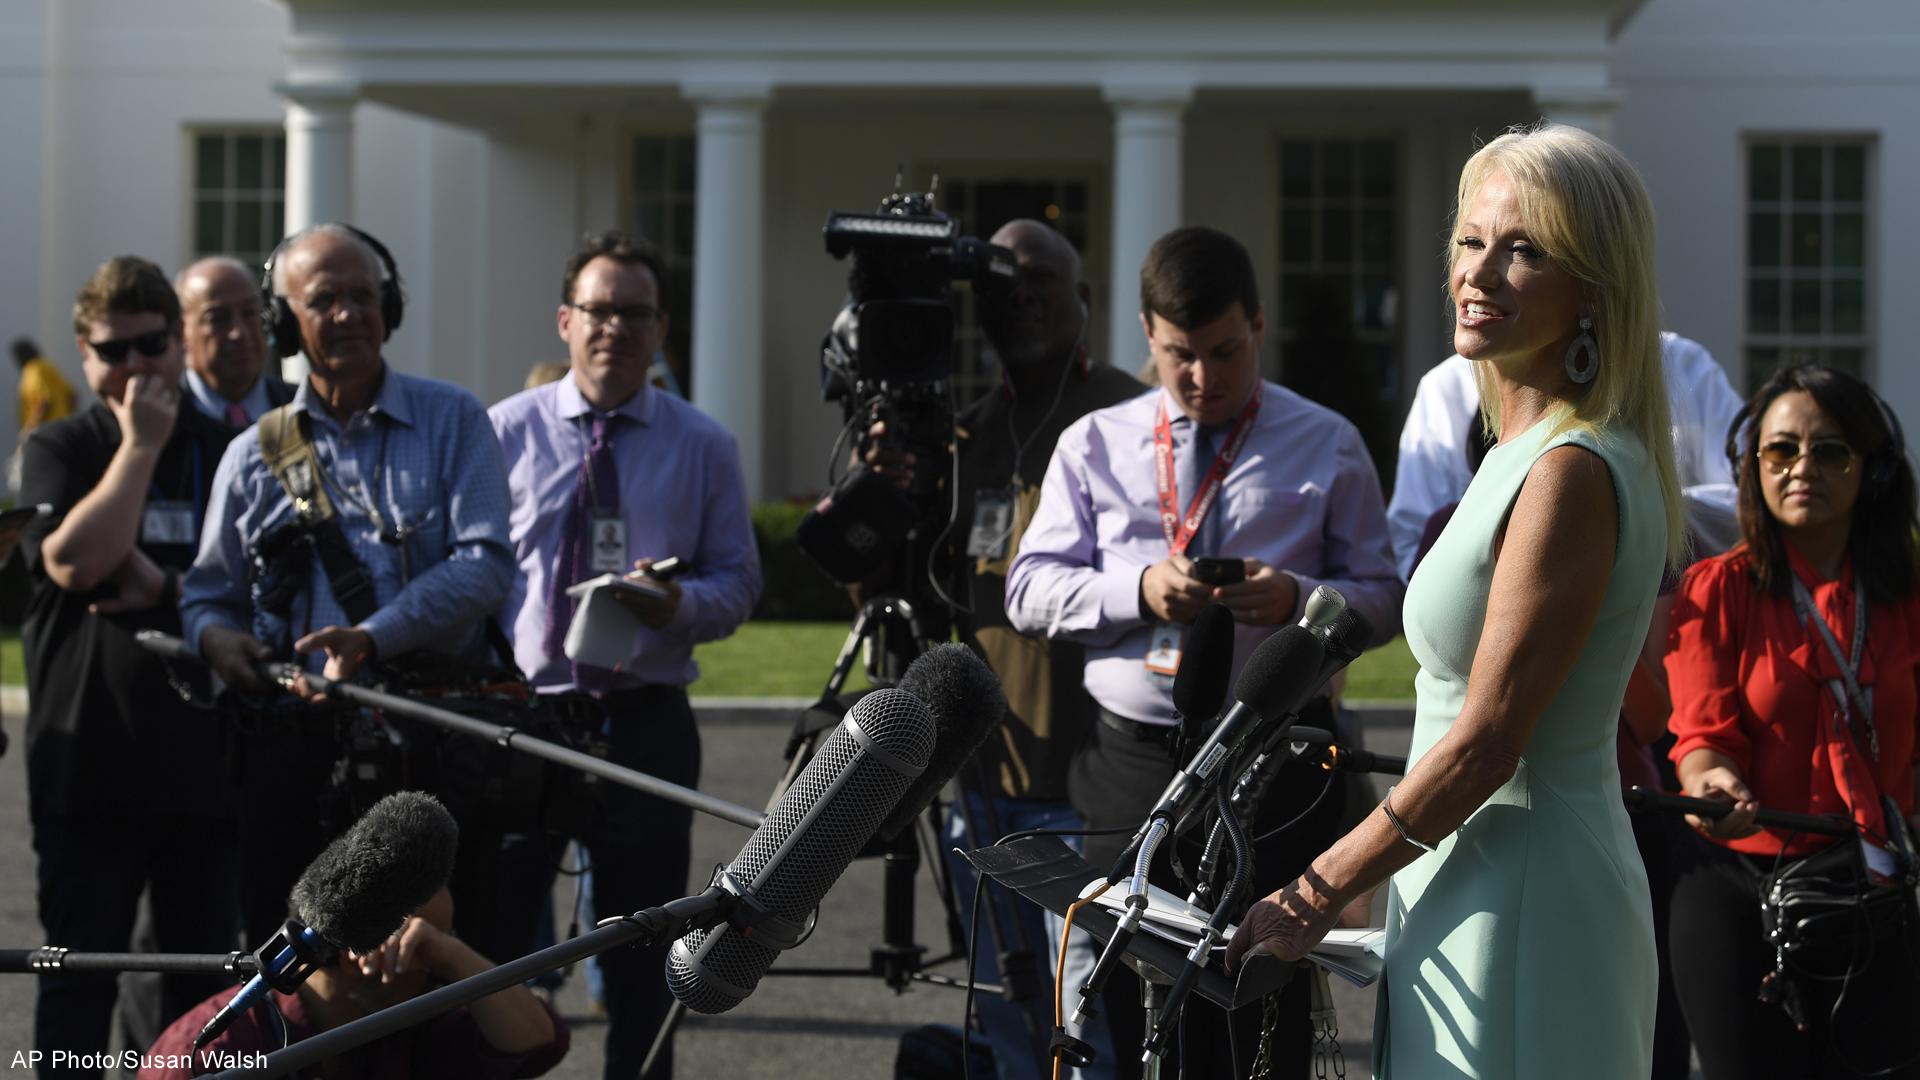 White House spokeswoman Kellyanne Conway